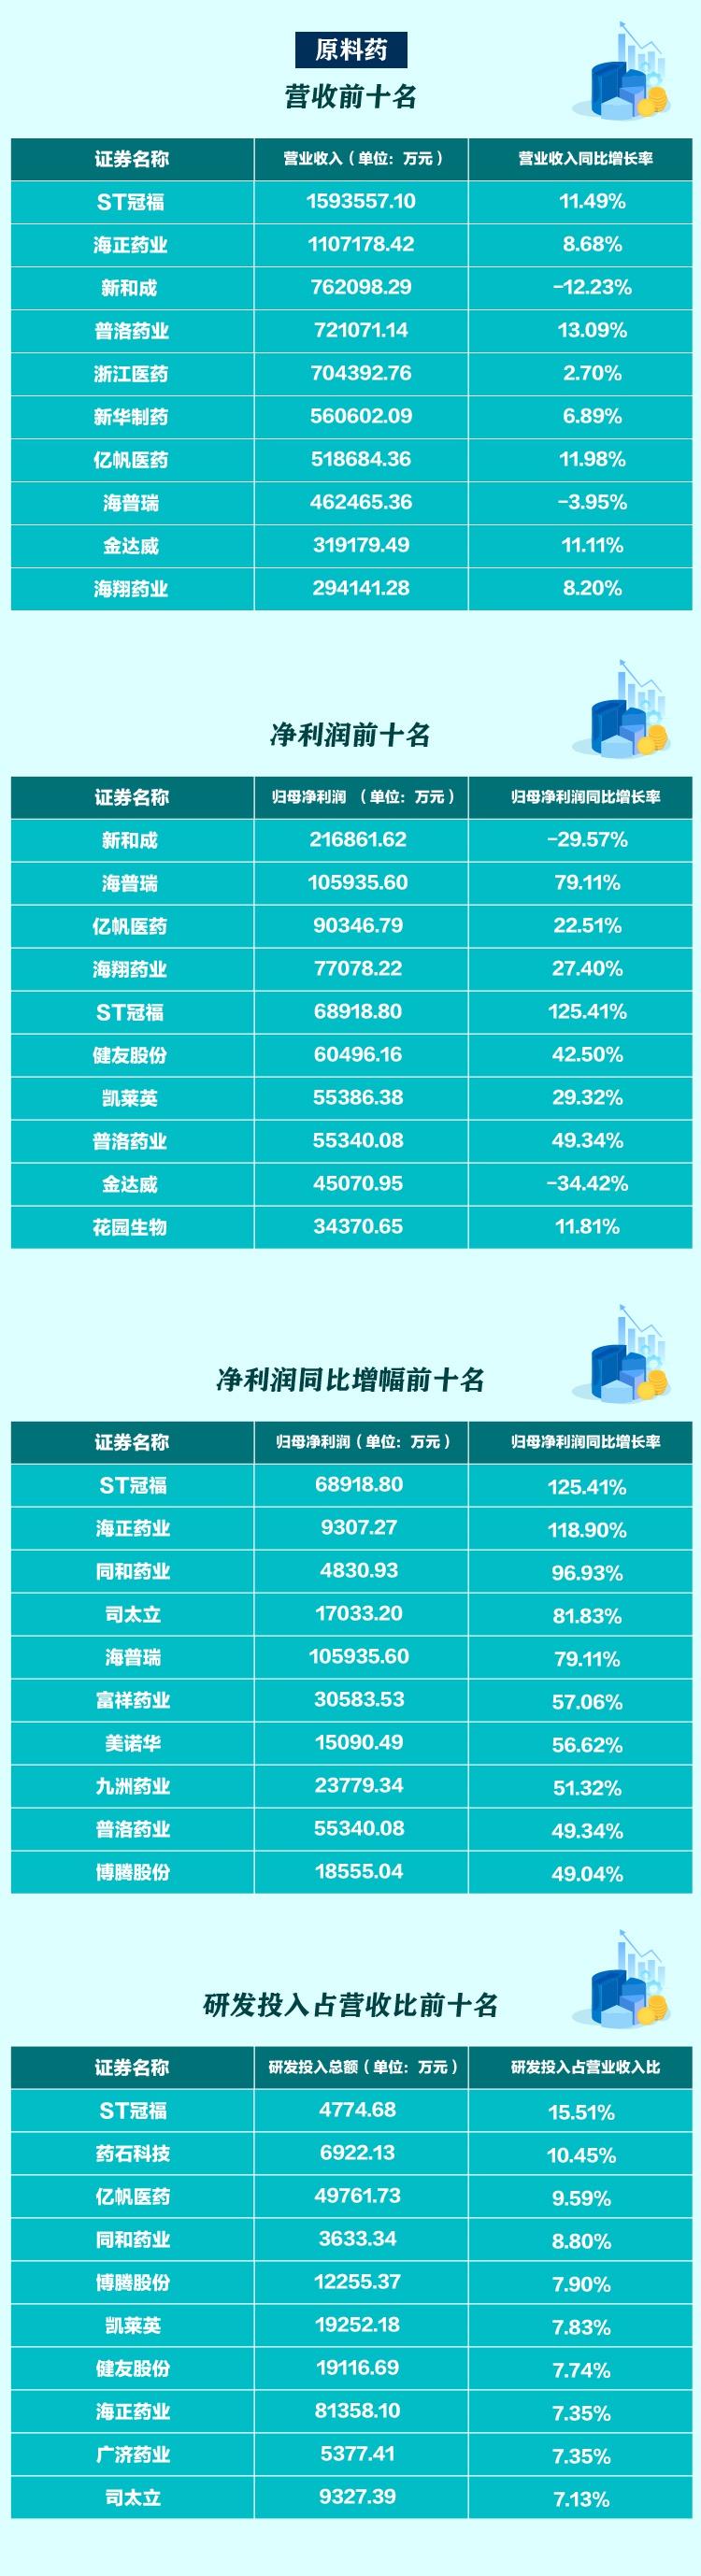 摩鑫测速料药上市企业摩鑫测速去年净利润下滑图片